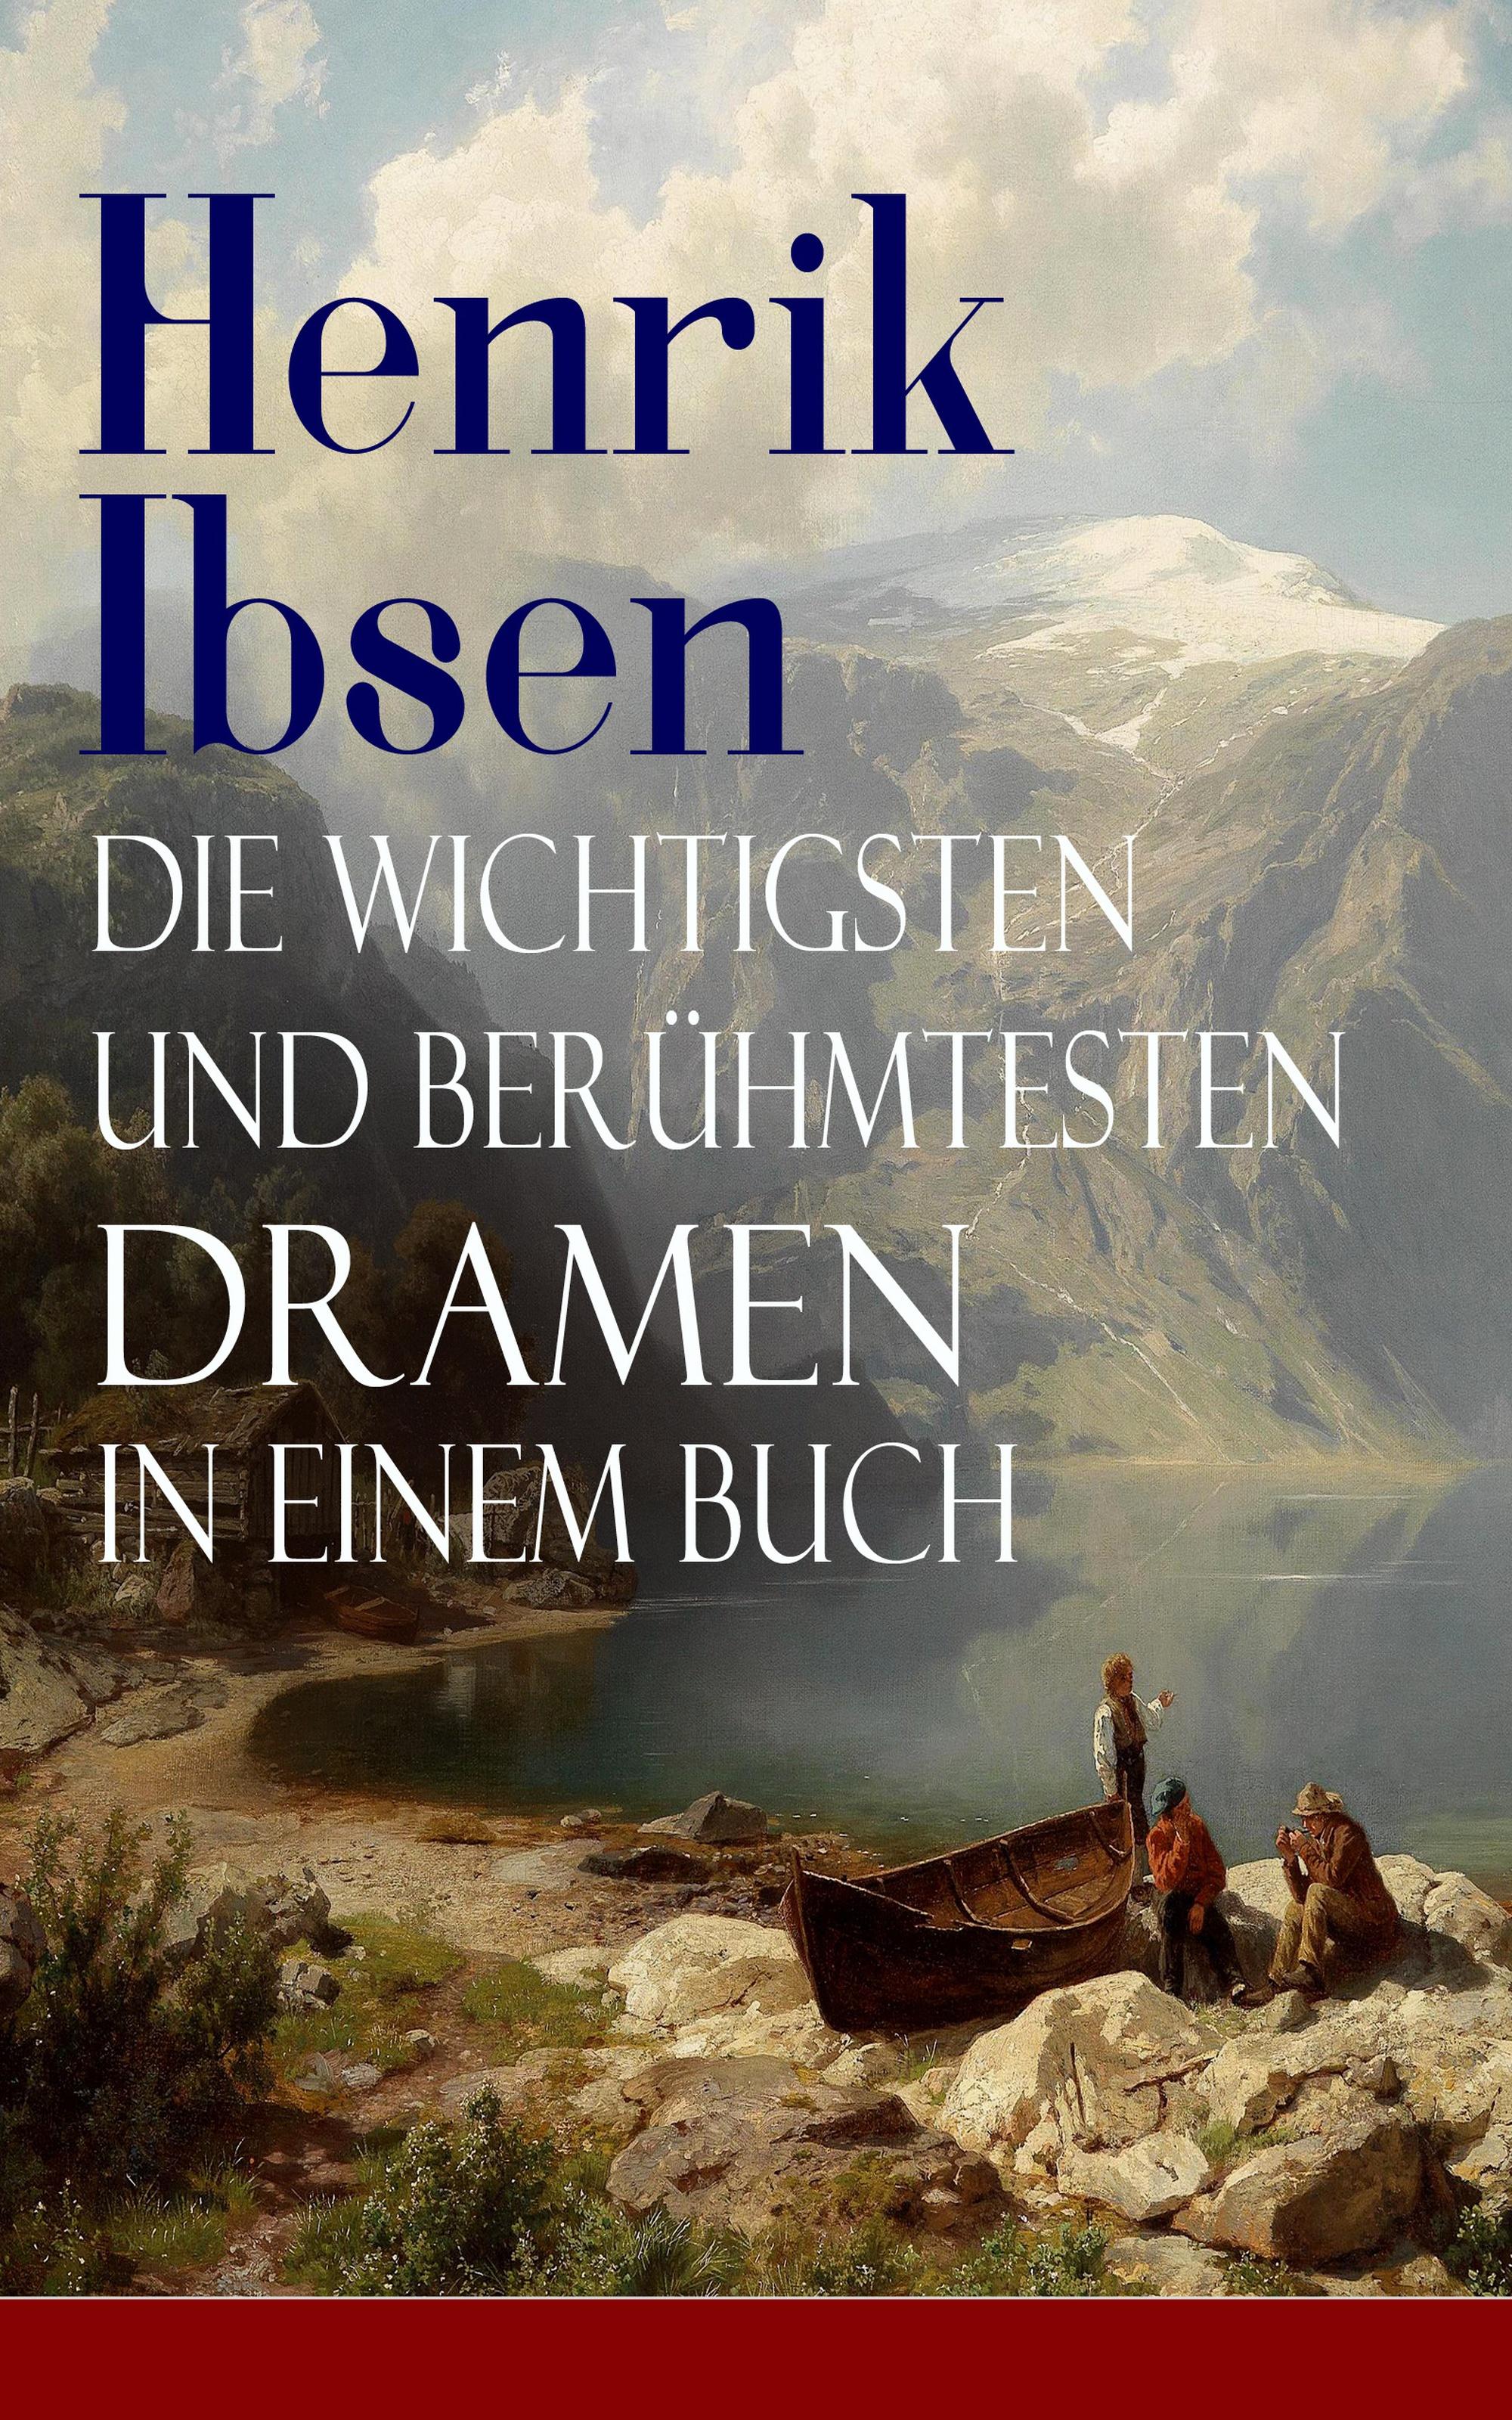 Henrik Ibsen Henrik Ibsen: Die wichtigsten und berühmtesten Dramen in einem Buch henrik ibsen gesammelte werke